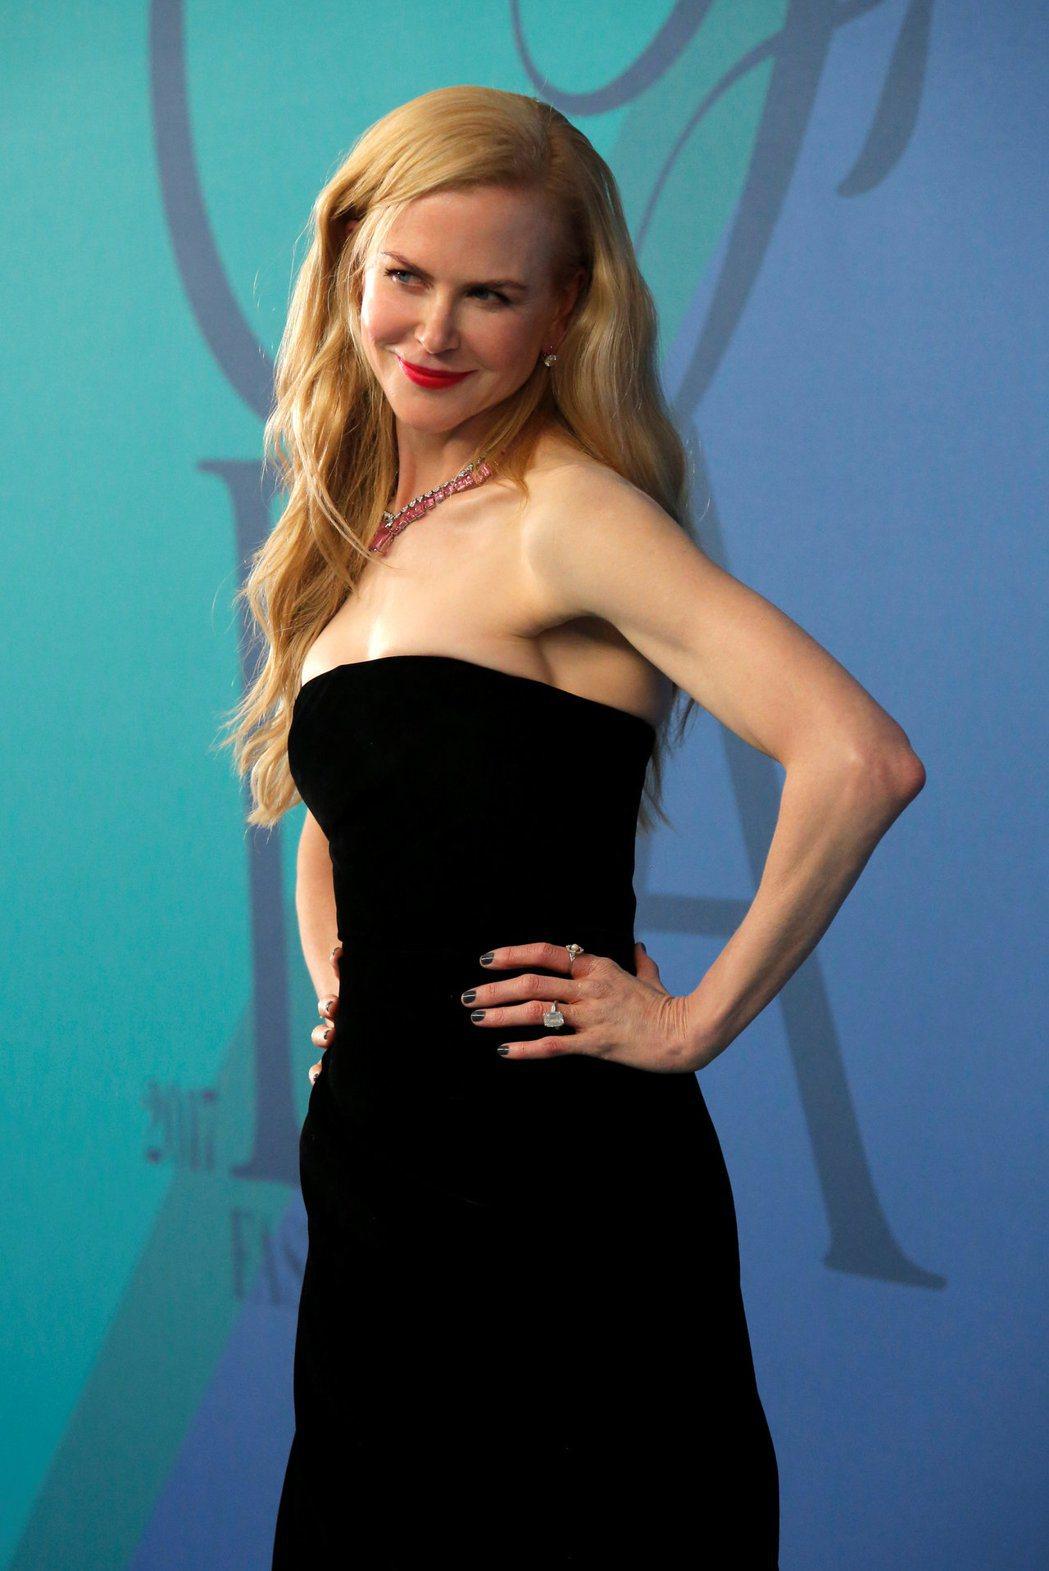 妮可基嫚拍HBO影集「美人心計」。圖/路透